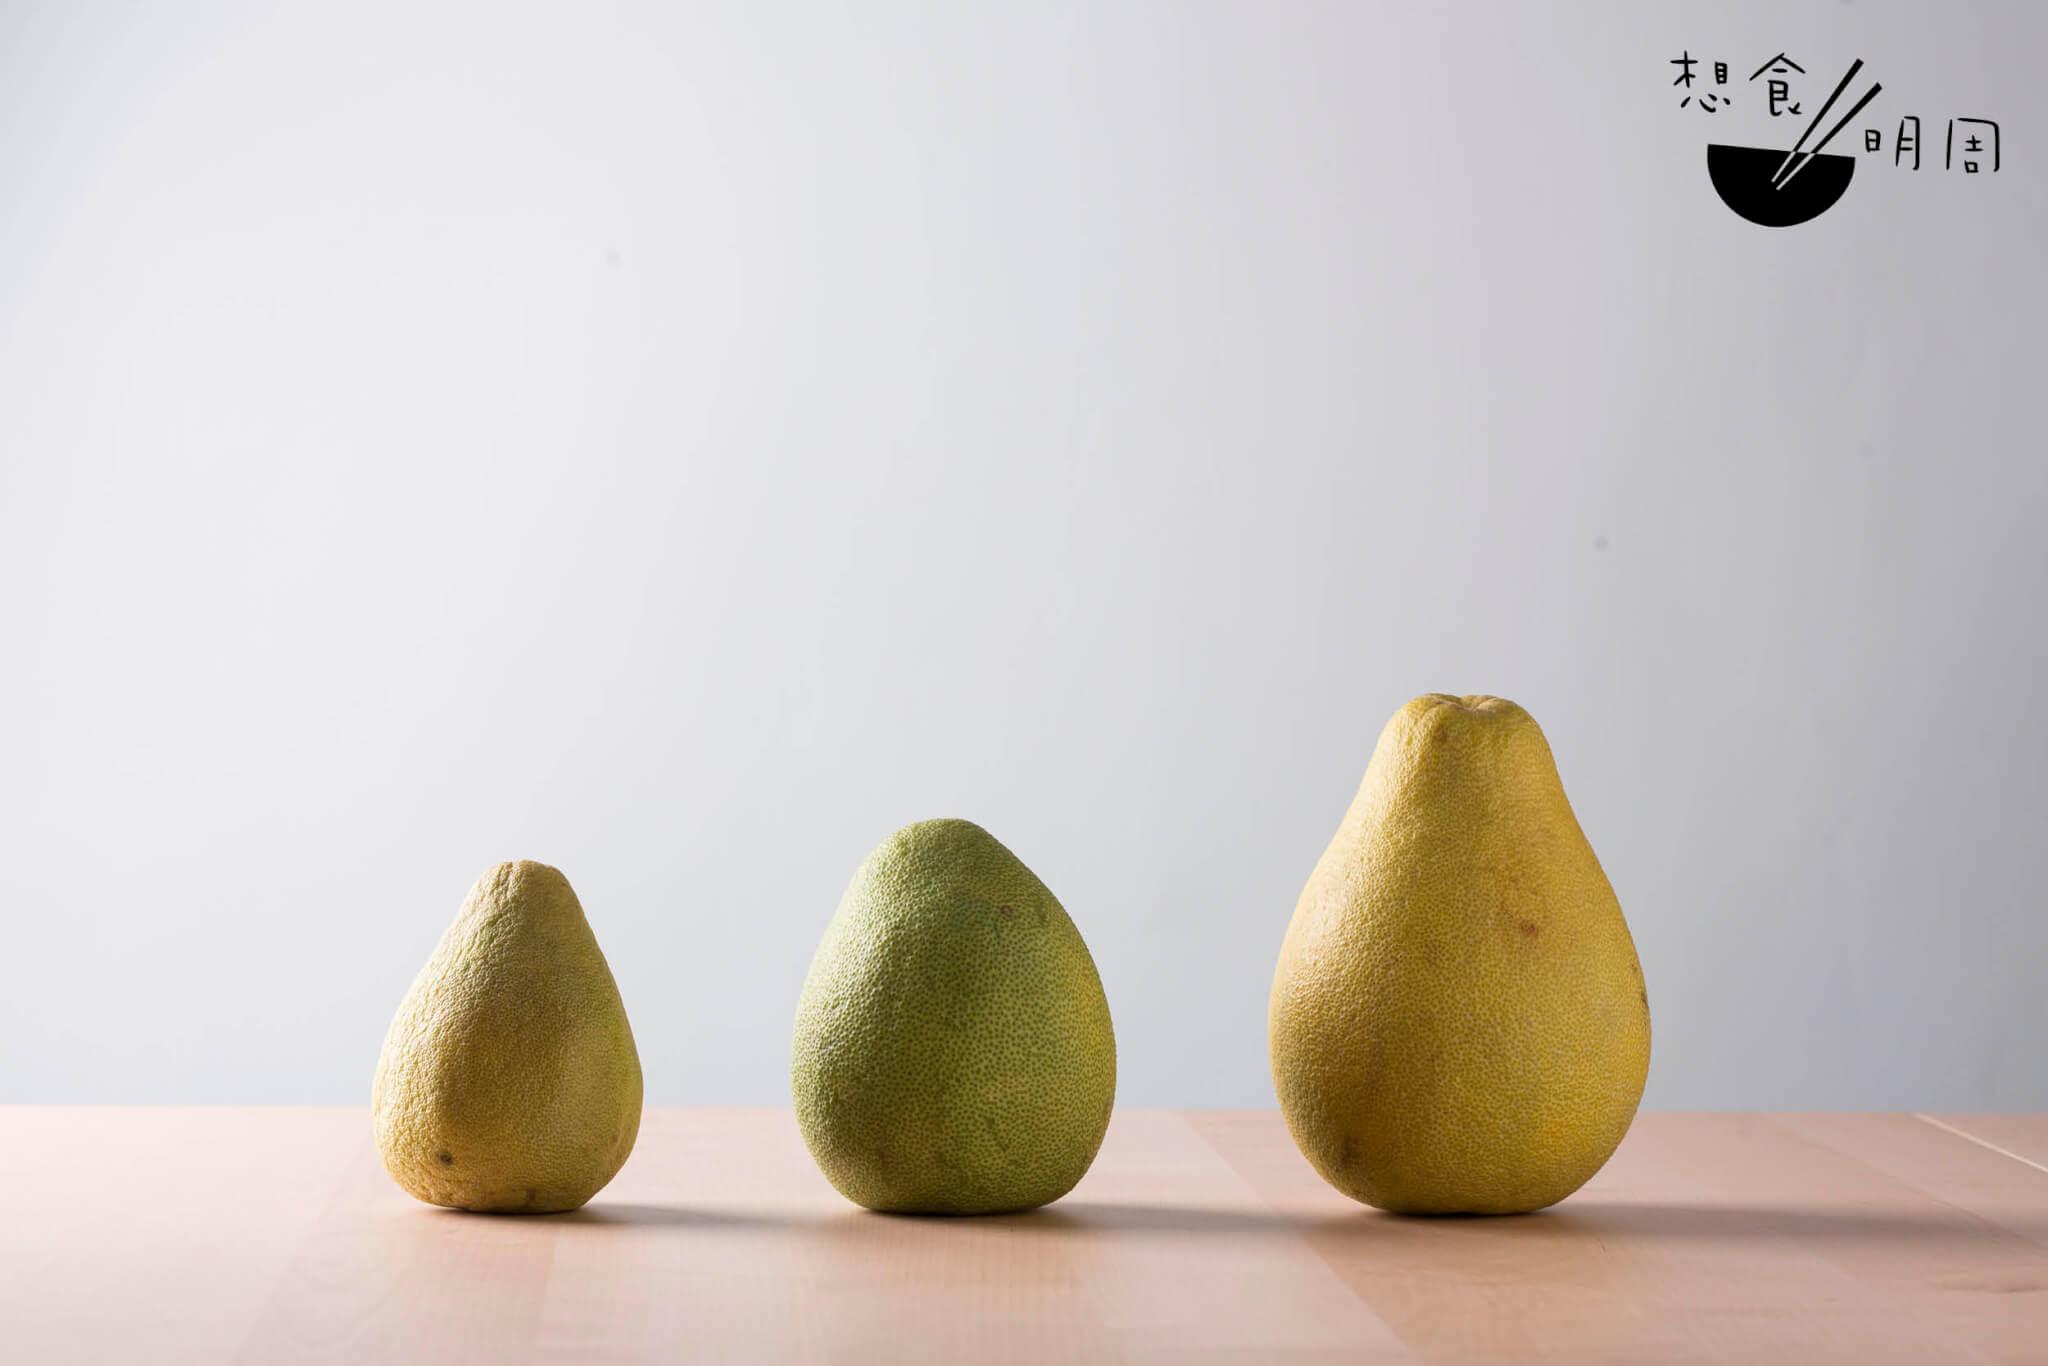 左:老樹文旦,黃色外皮代表已消水,可食用。 中:文旦,青綠外皮,需要再待一段時日。 右:文旦,個子較大,非老樹出產。